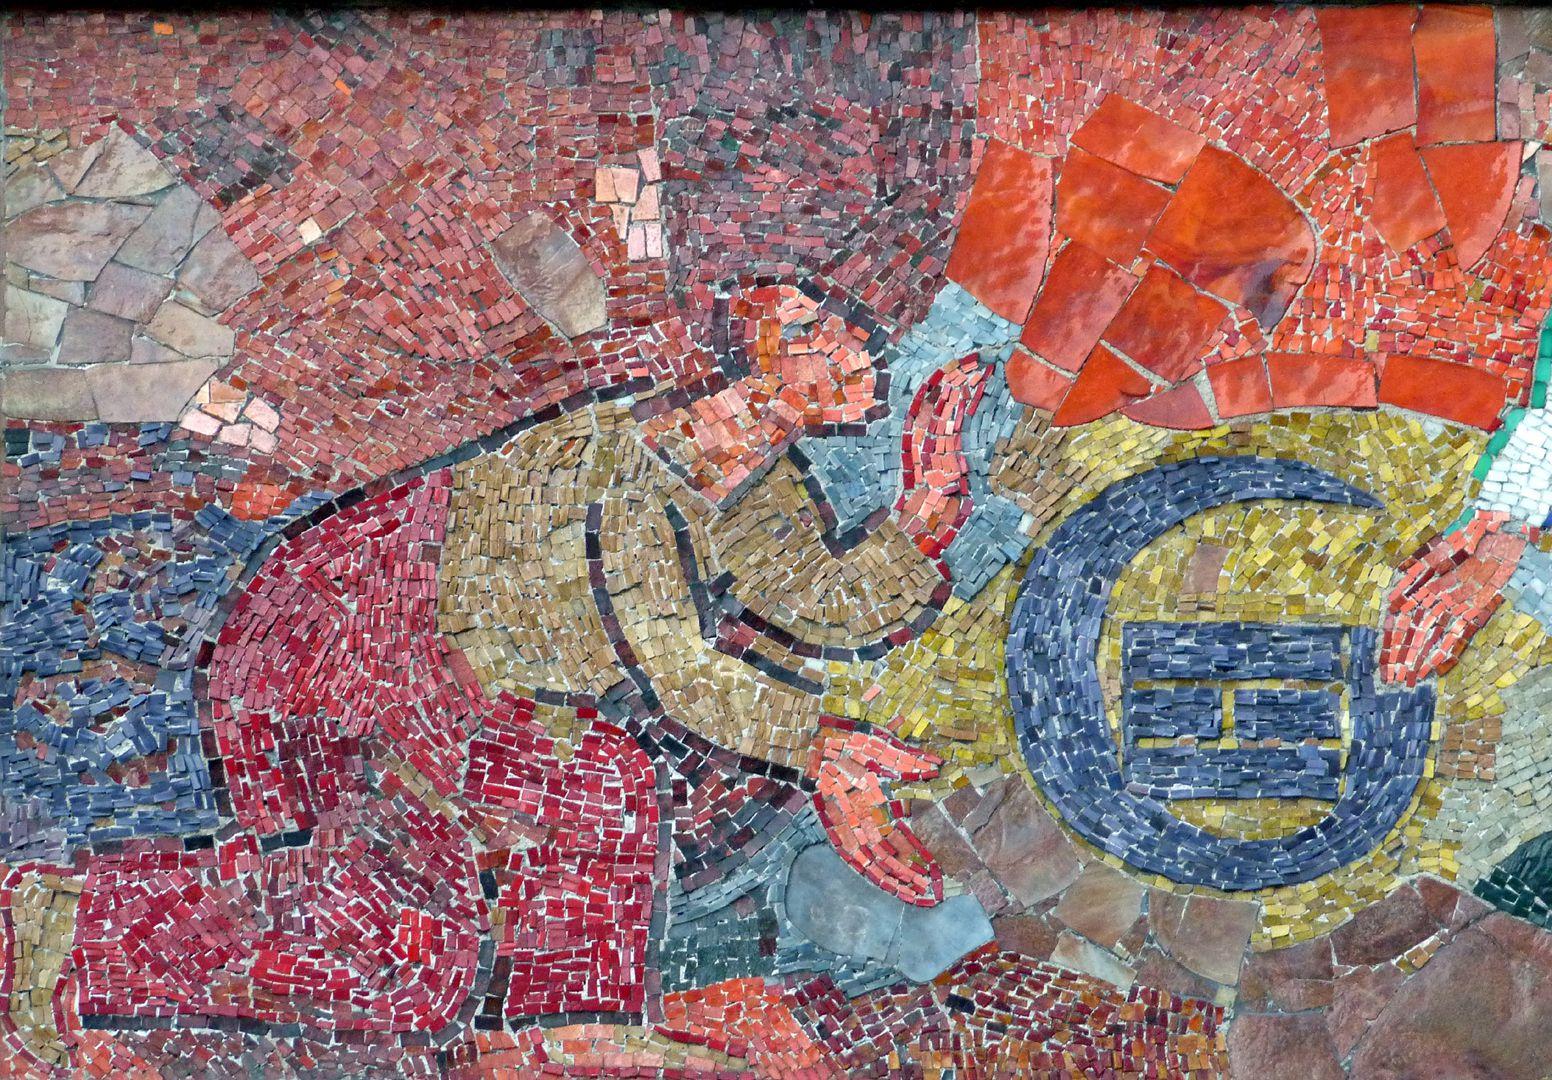 Mosaik am Hauptmarkt in Nürnberg